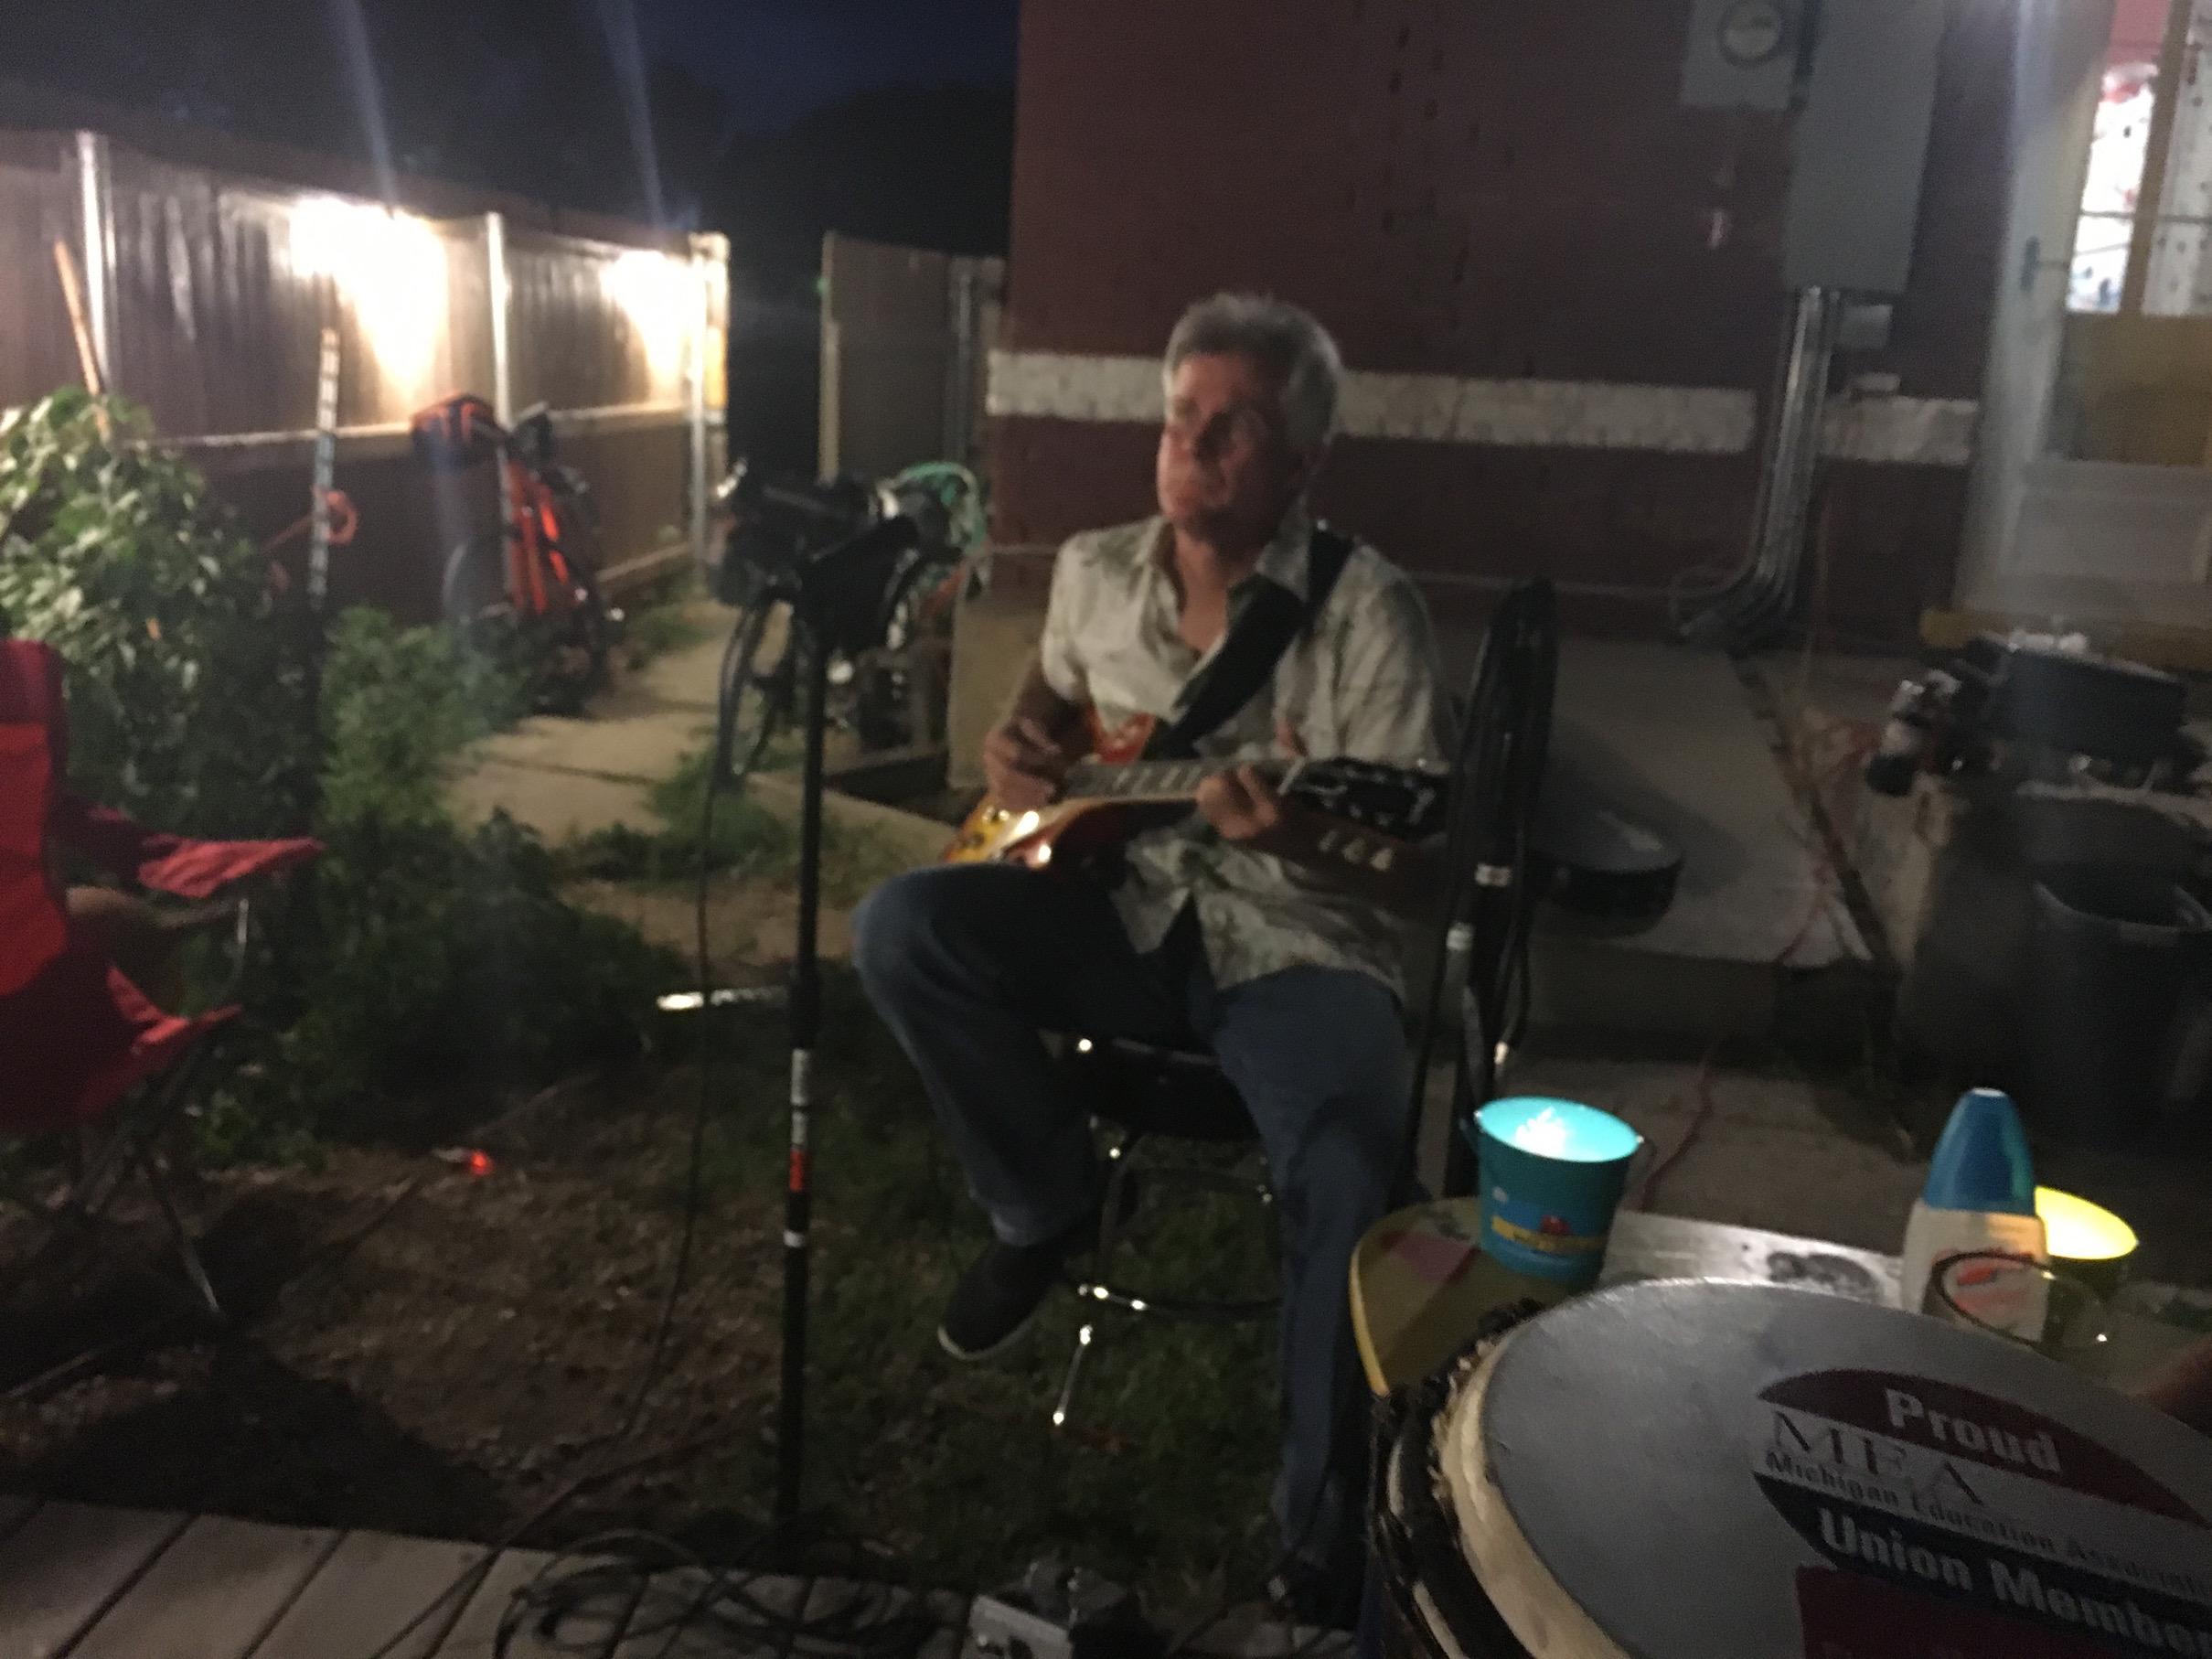 backyard activities music jam pueblo house 1163